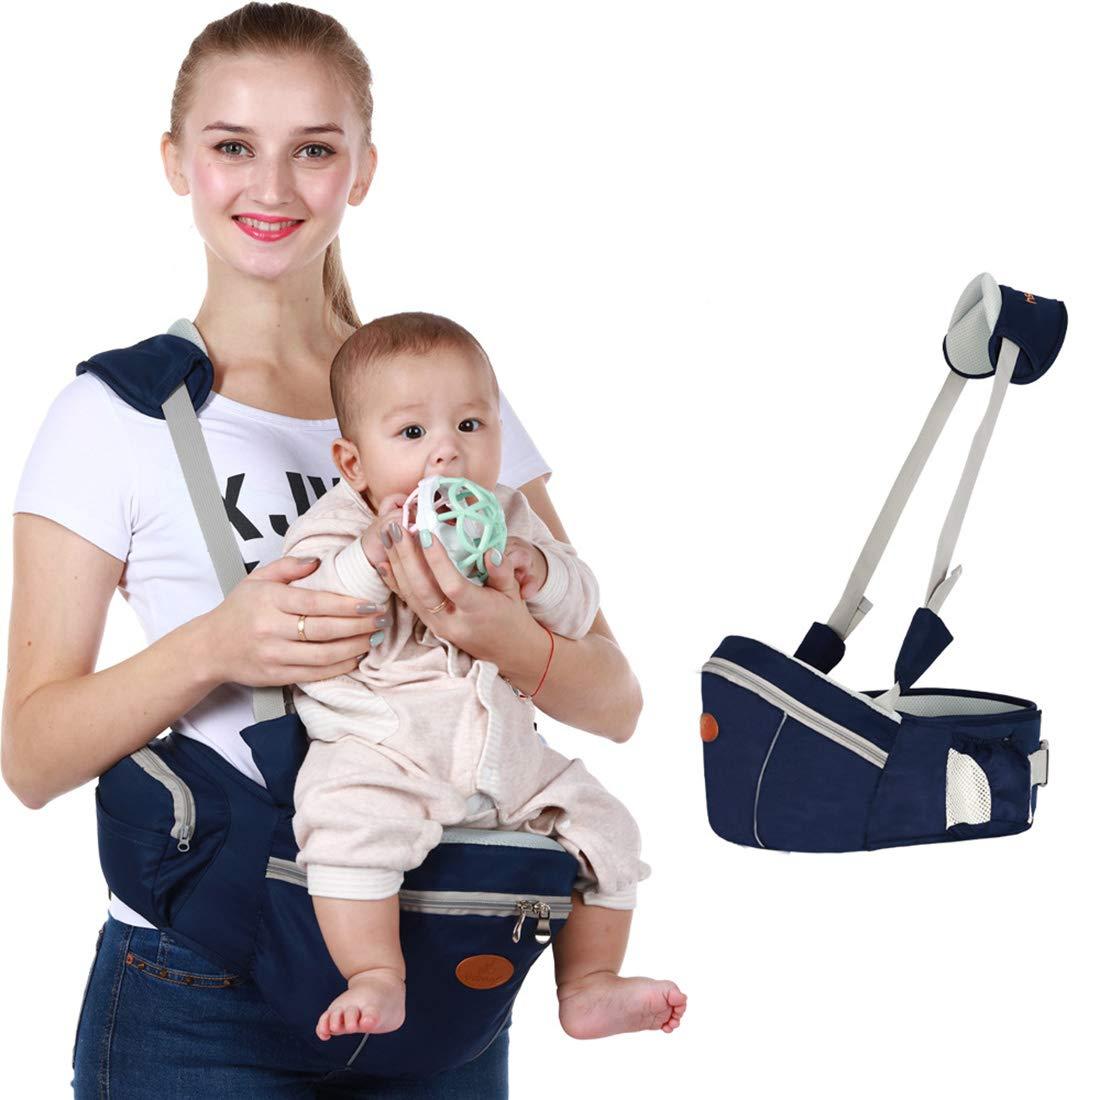 Rolanli Baby Taille Hocker Baby H/üfthocker Multifunktions Aufbewahrungshocker Taille Hocker Sitz f/ür Kleinkinder